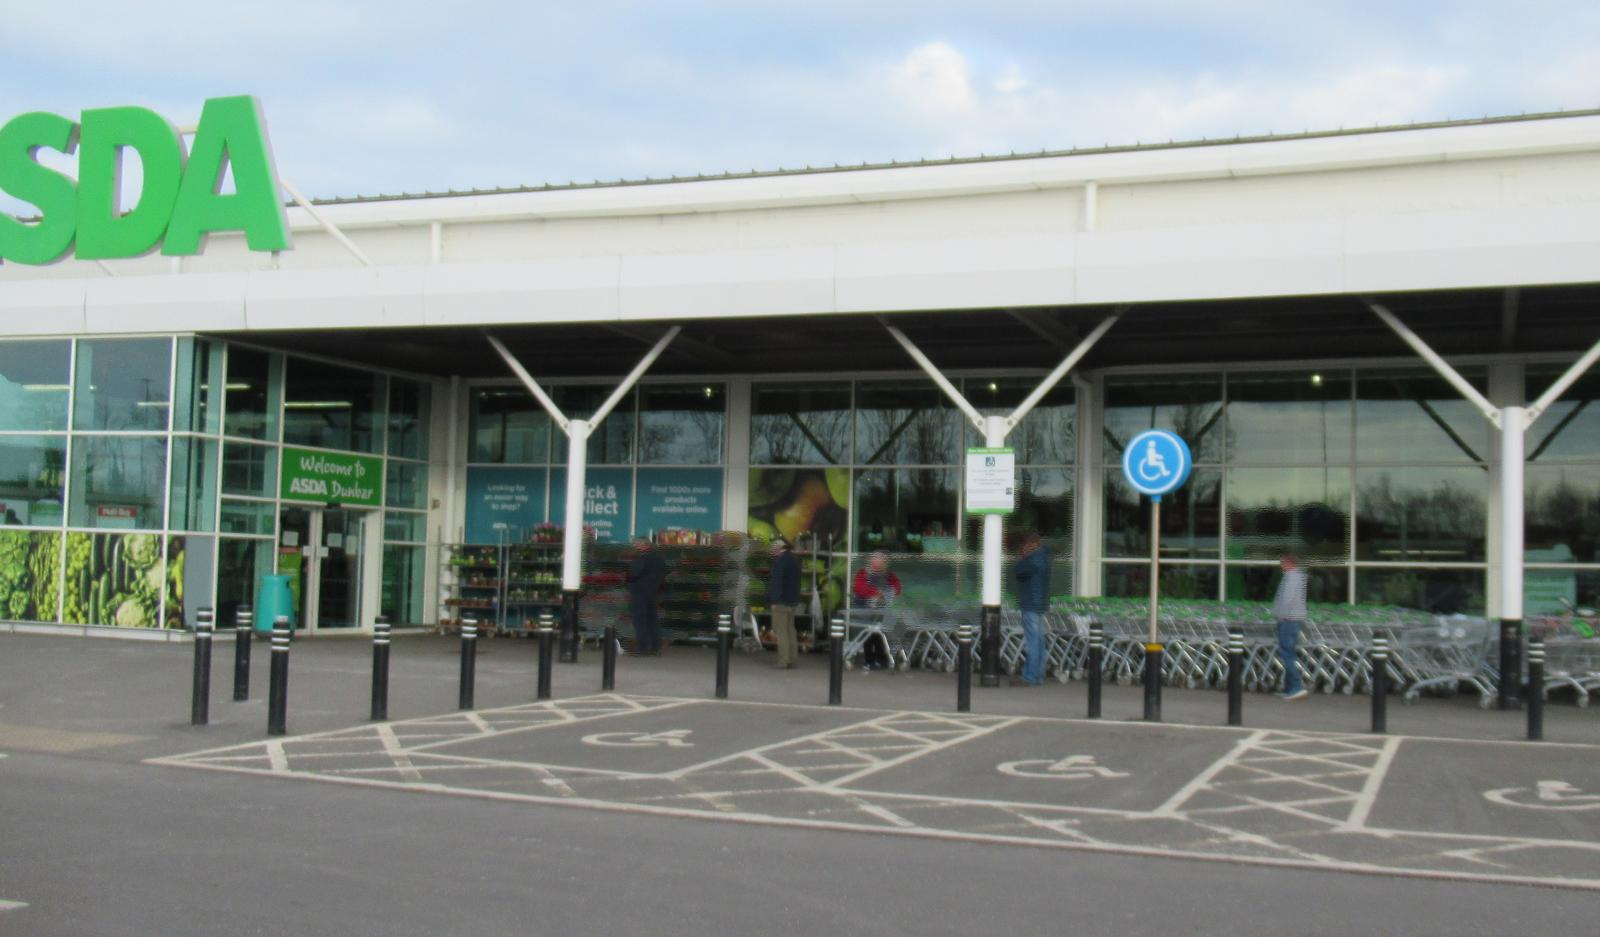 supermarket queue ASda